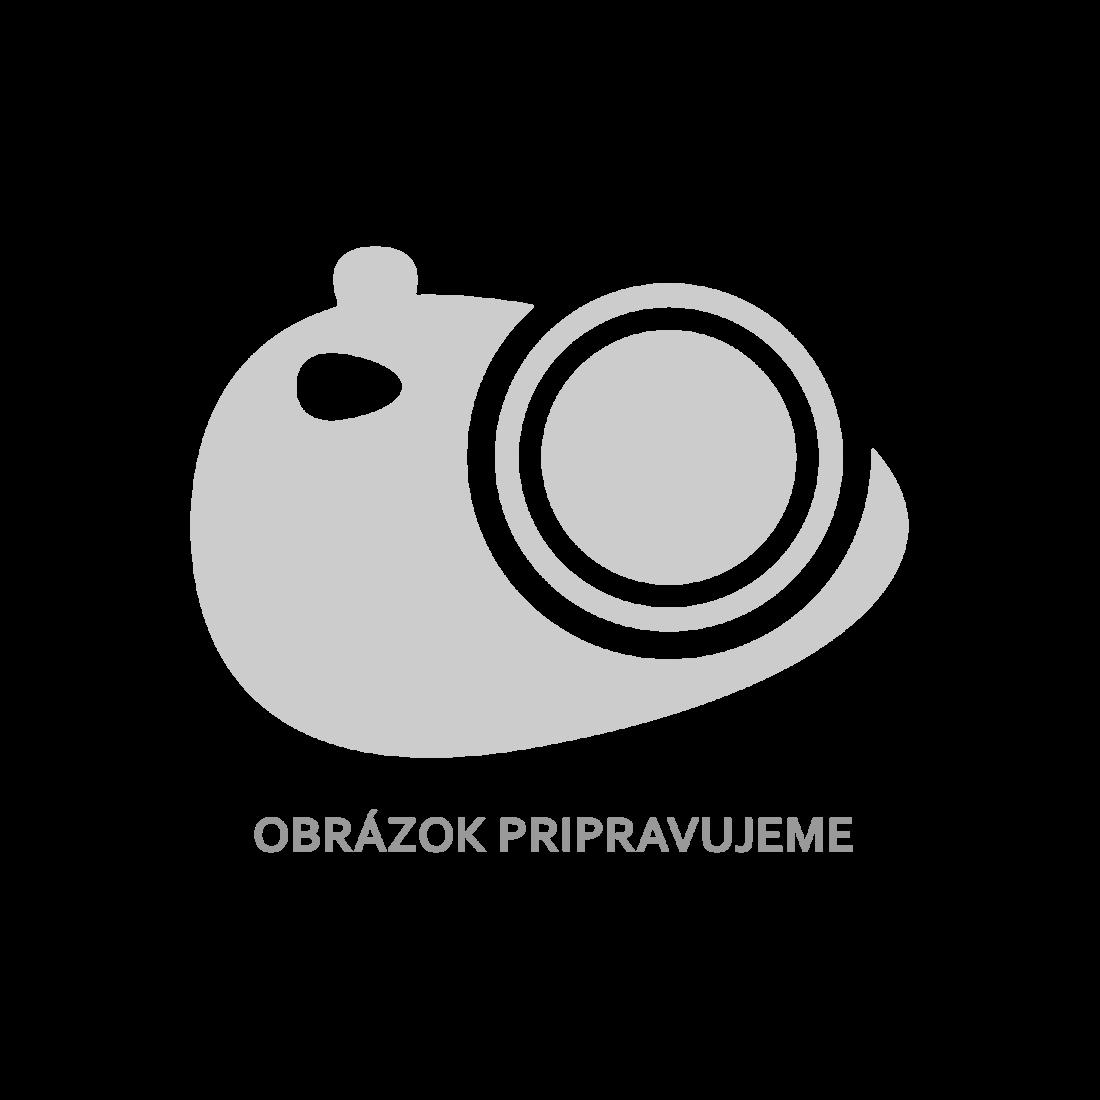 5 ks 120 cm dlhých panelov na ohraničenie trávnika